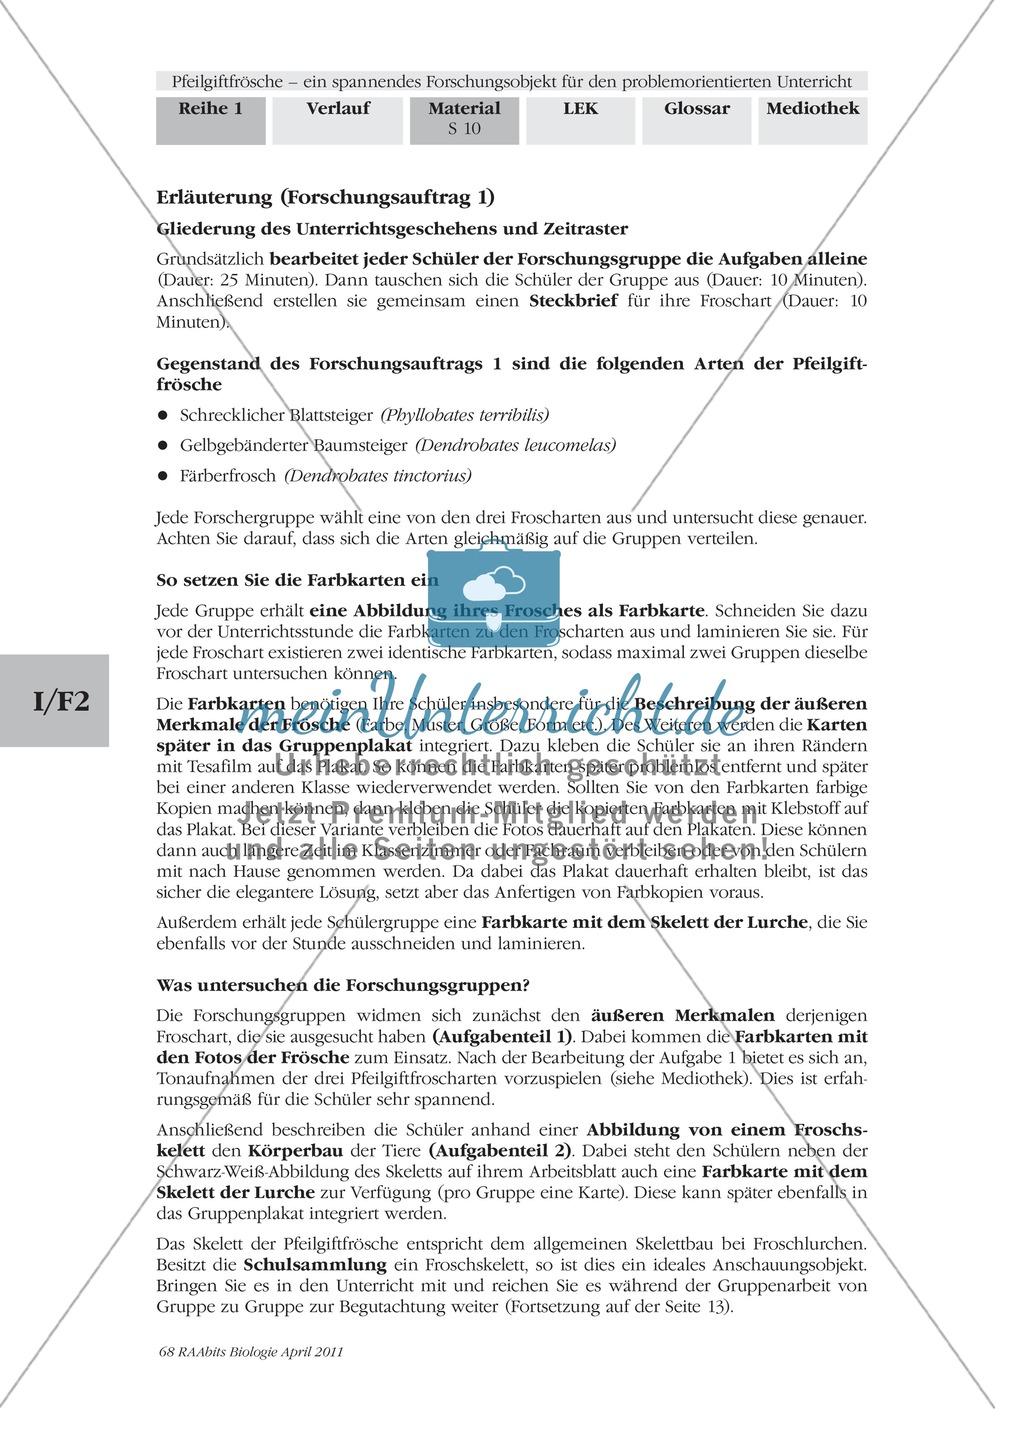 Merkmale und Eigenschaften von Fröschen am Beispiel von Pfeilgiftfröschen: Forschungsauftrag Preview 3